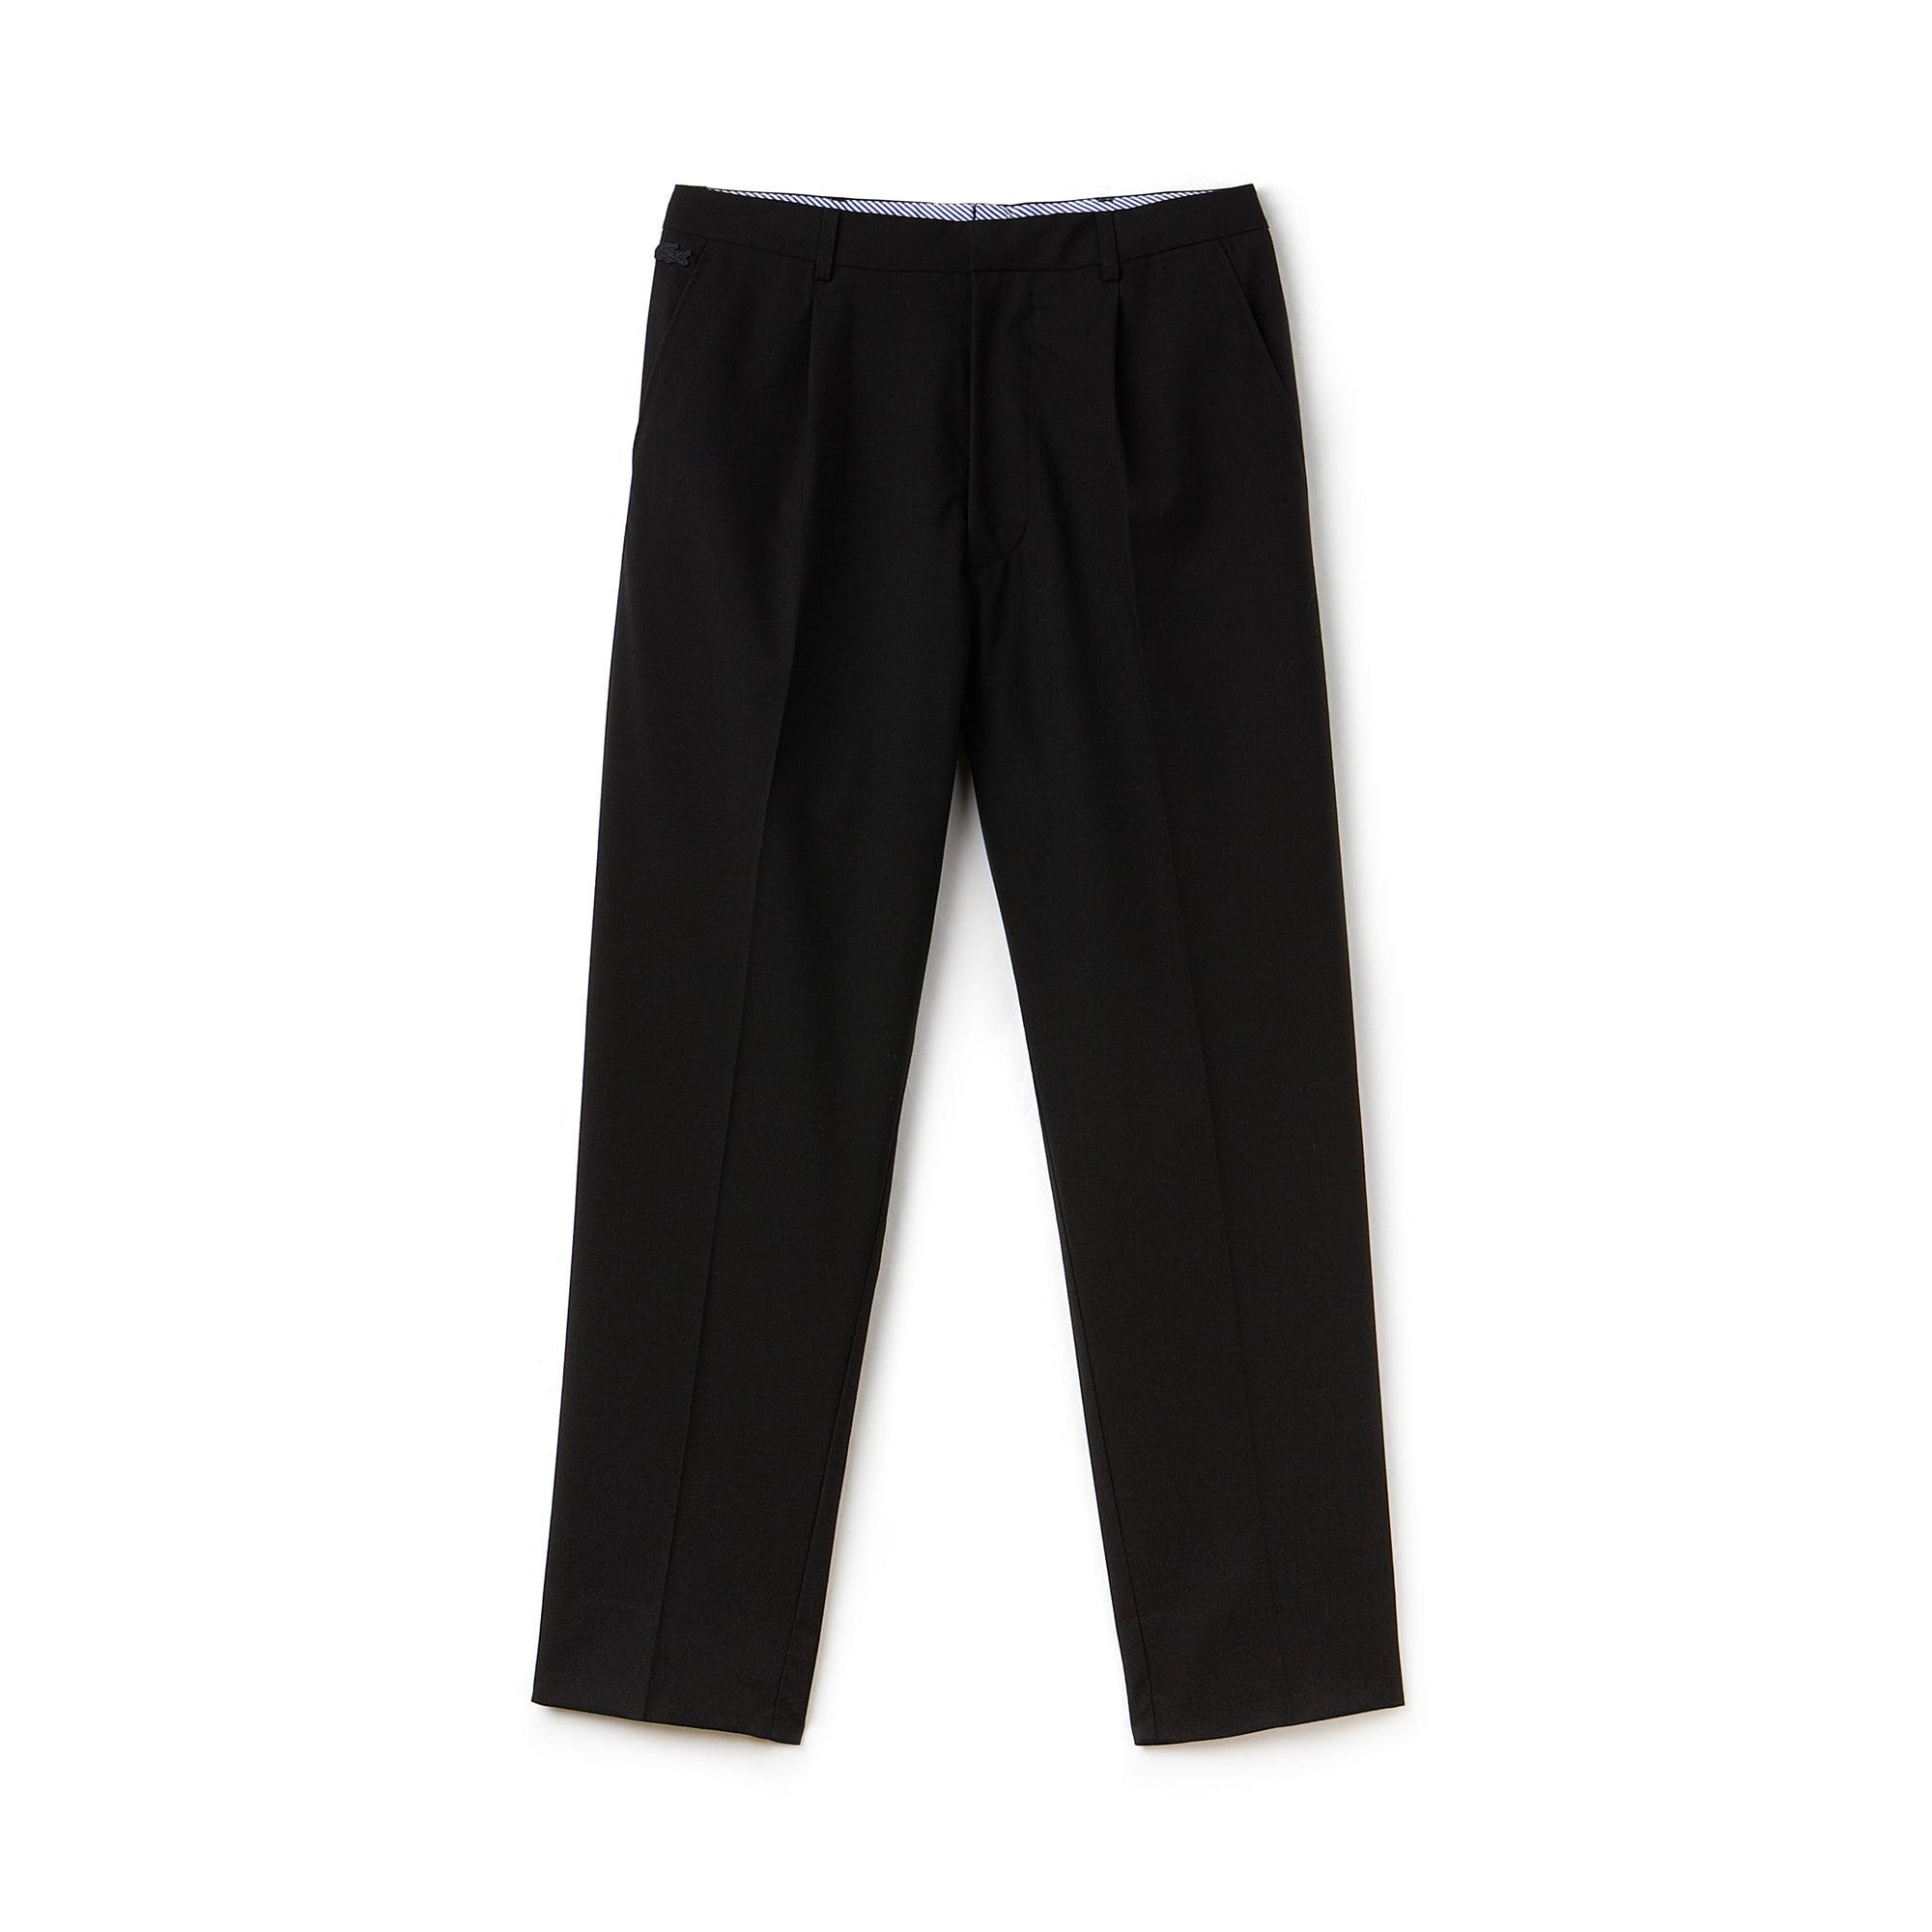 Pantalon chino à pinces Lacoste LIVE en crêpe stretch uni